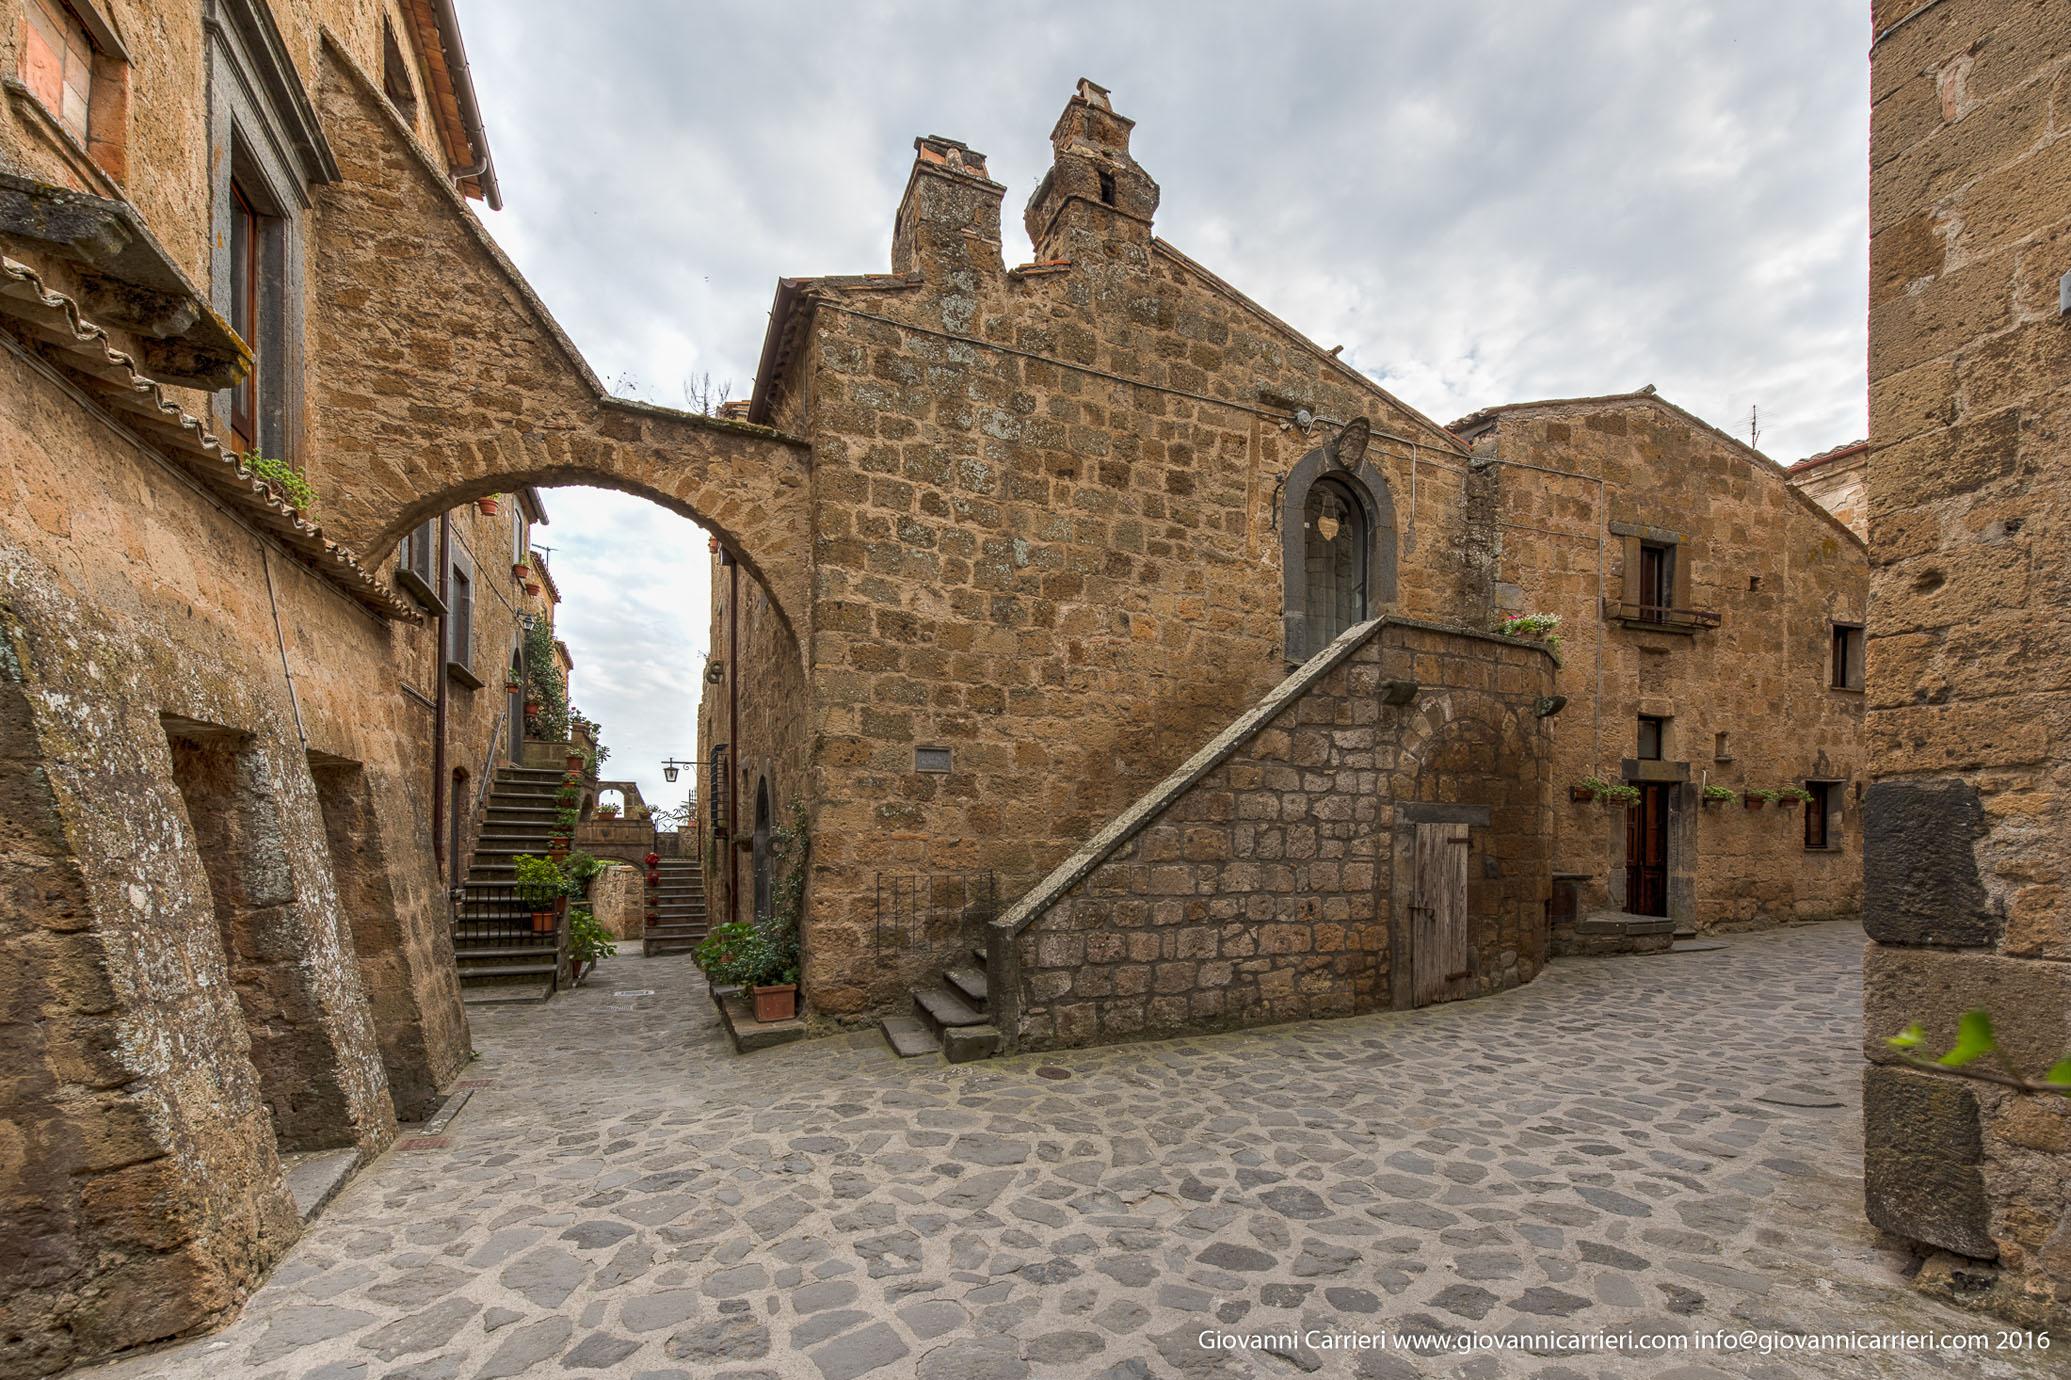 Le costruzioni del centro storico in Civita di Bagnoregio